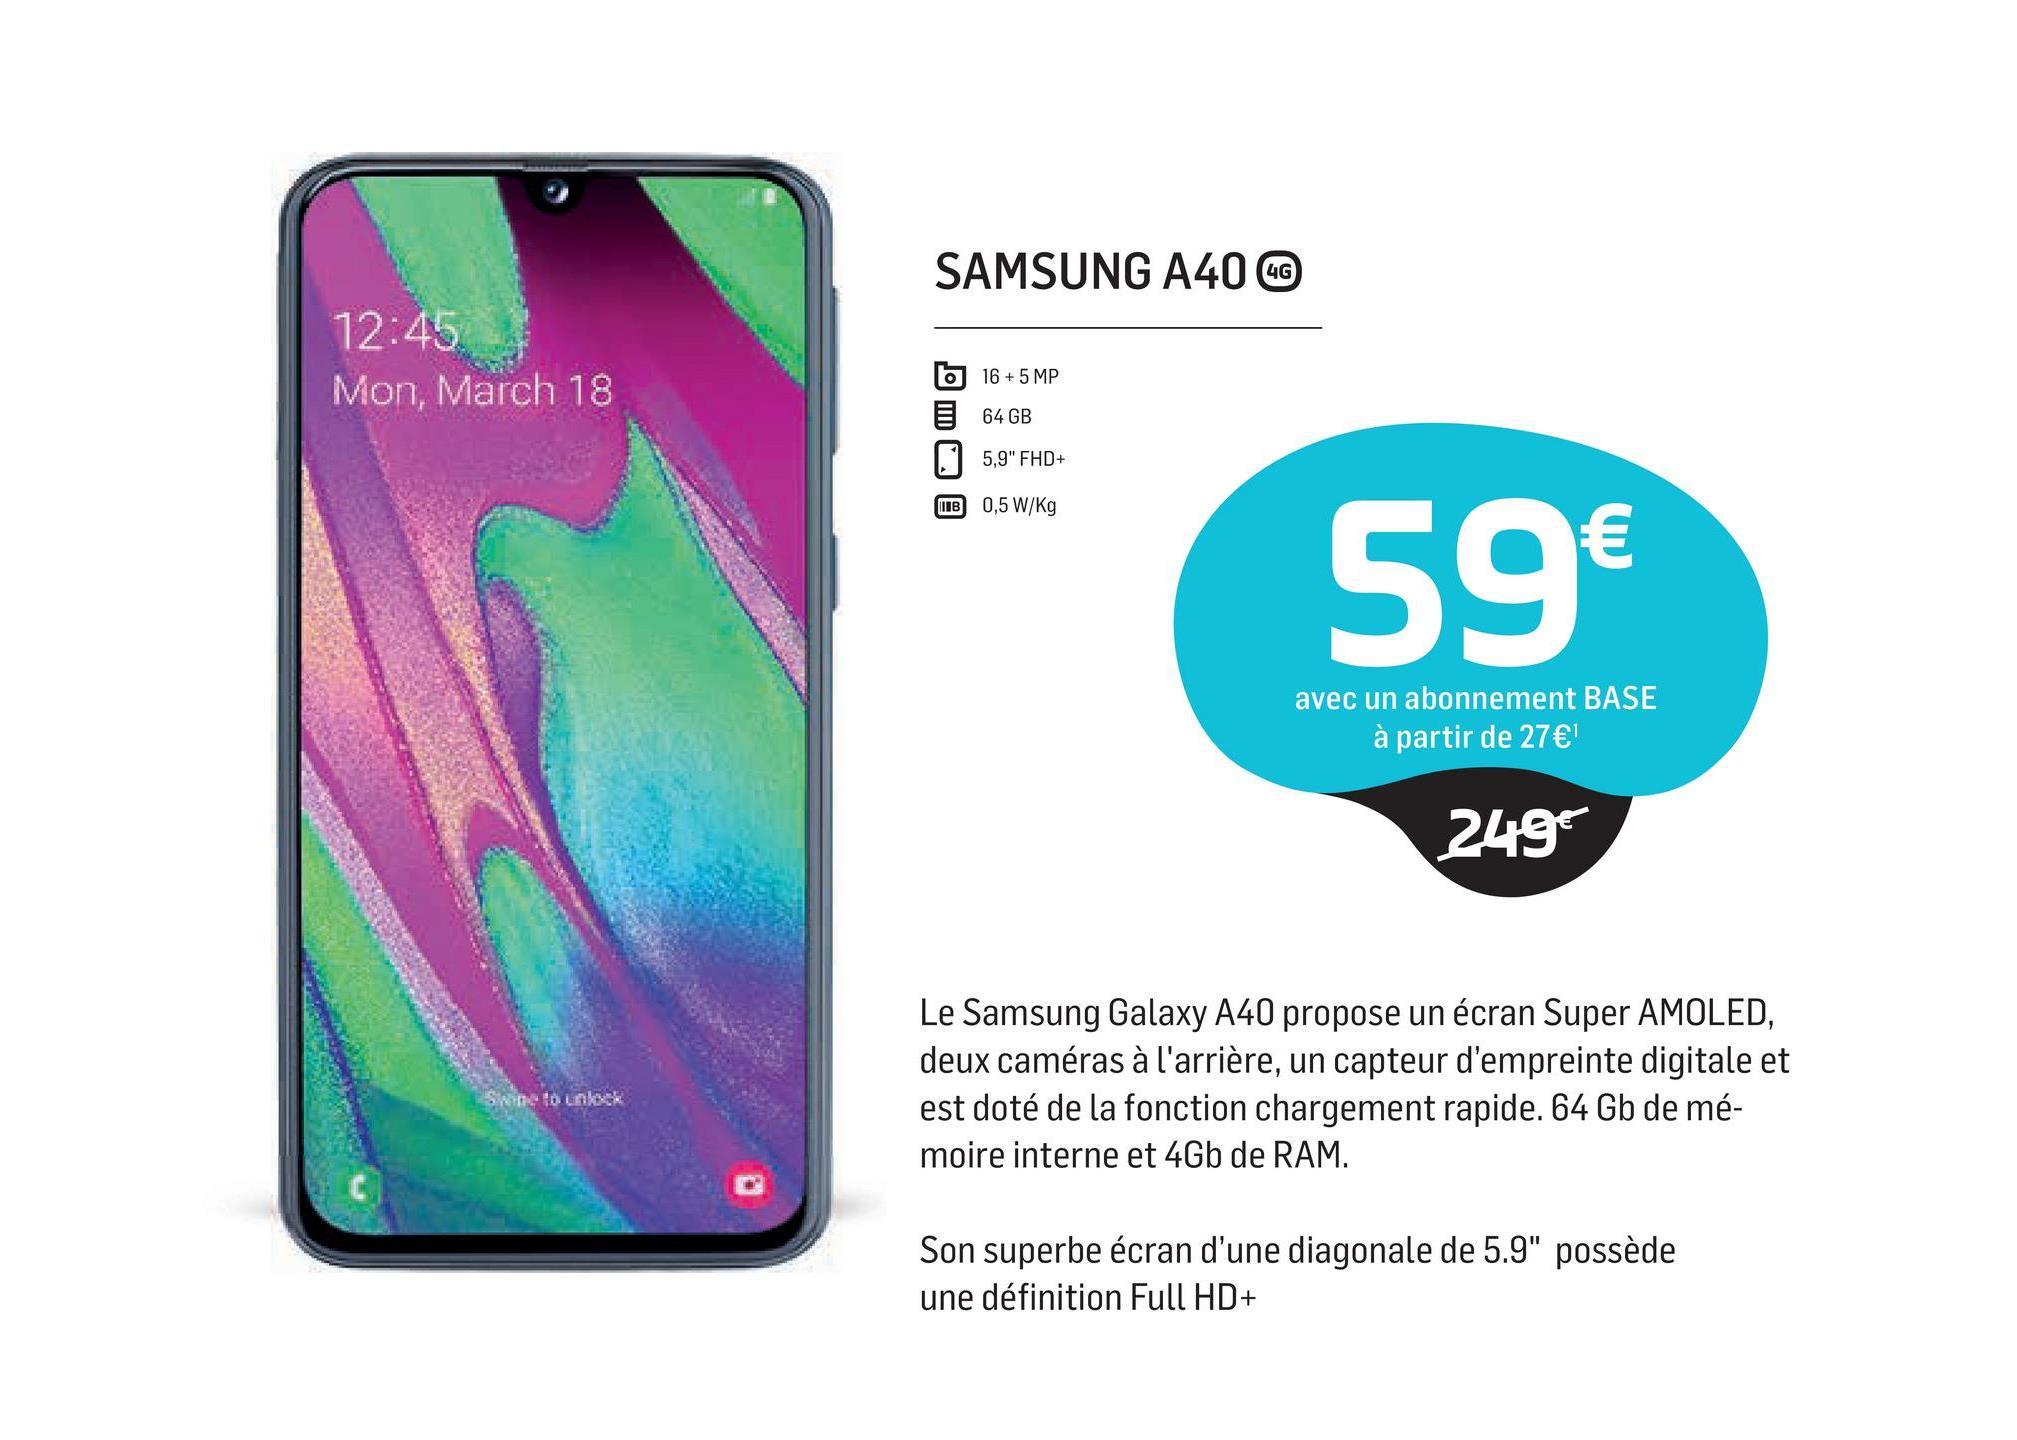 """SAMSUNG A40 LC 12:45 Mon, March 18 b 16 + 5 MP 64GB 5,9"""" FHD+ B 0,5 W/Kg 59€ avec un abonnement BASE à partir de 27€ 249€ Le Samsung Galaxy A40 propose un écran Super AMOLED, deux caméras à l'arrière, un capteur d'empreinte digitale et est doté de la fonction chargement rapide. 64 Gb de mé- moire interne et 4Gb de RAM. Skone to unlock Son superbe écran d'une diagonale de 5.9"""" possède une définition Full HD+"""